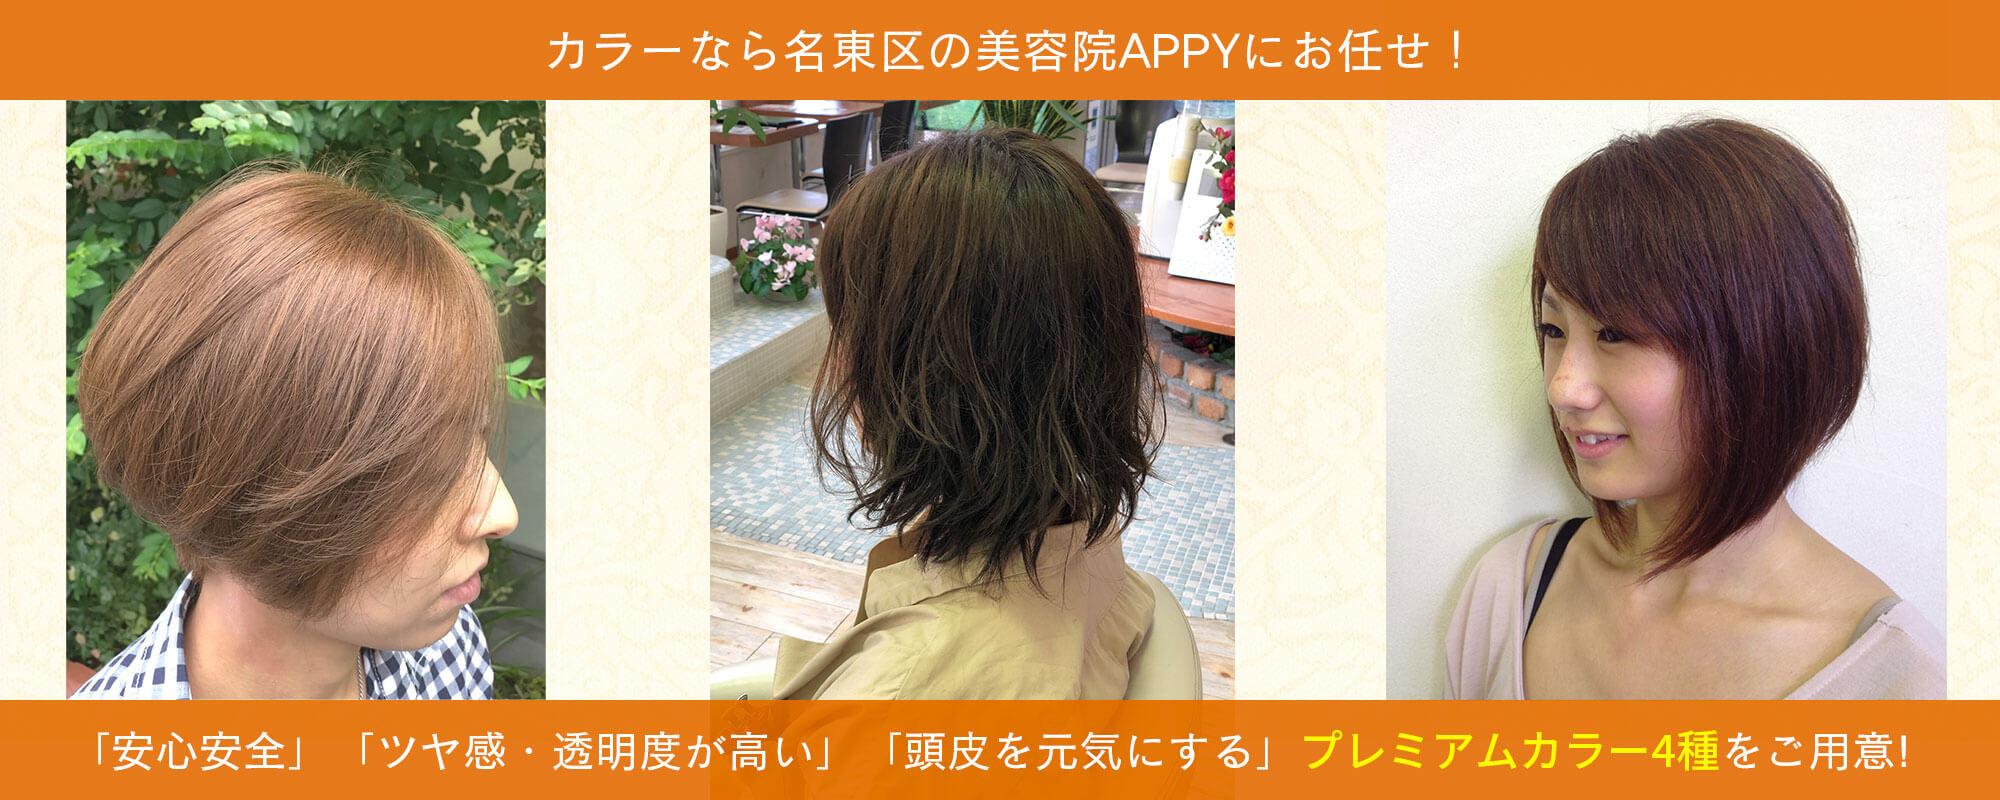 名東区の美容院 | APPY ヘッダー